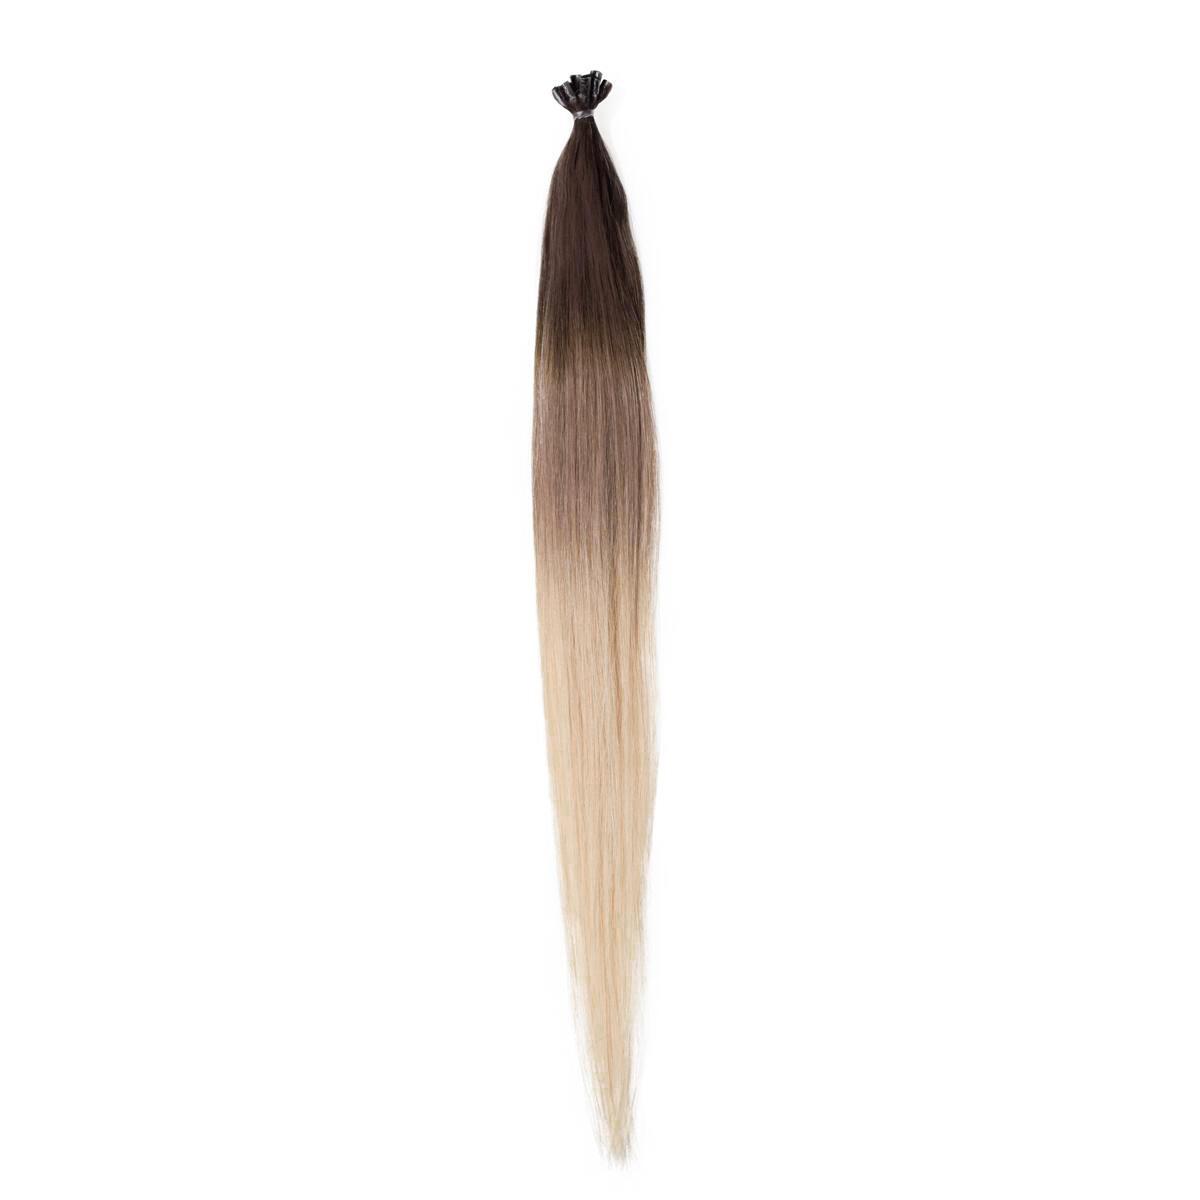 Nail Hair O2.6/8.0 Dark Ash Blond Ombre 50 cm